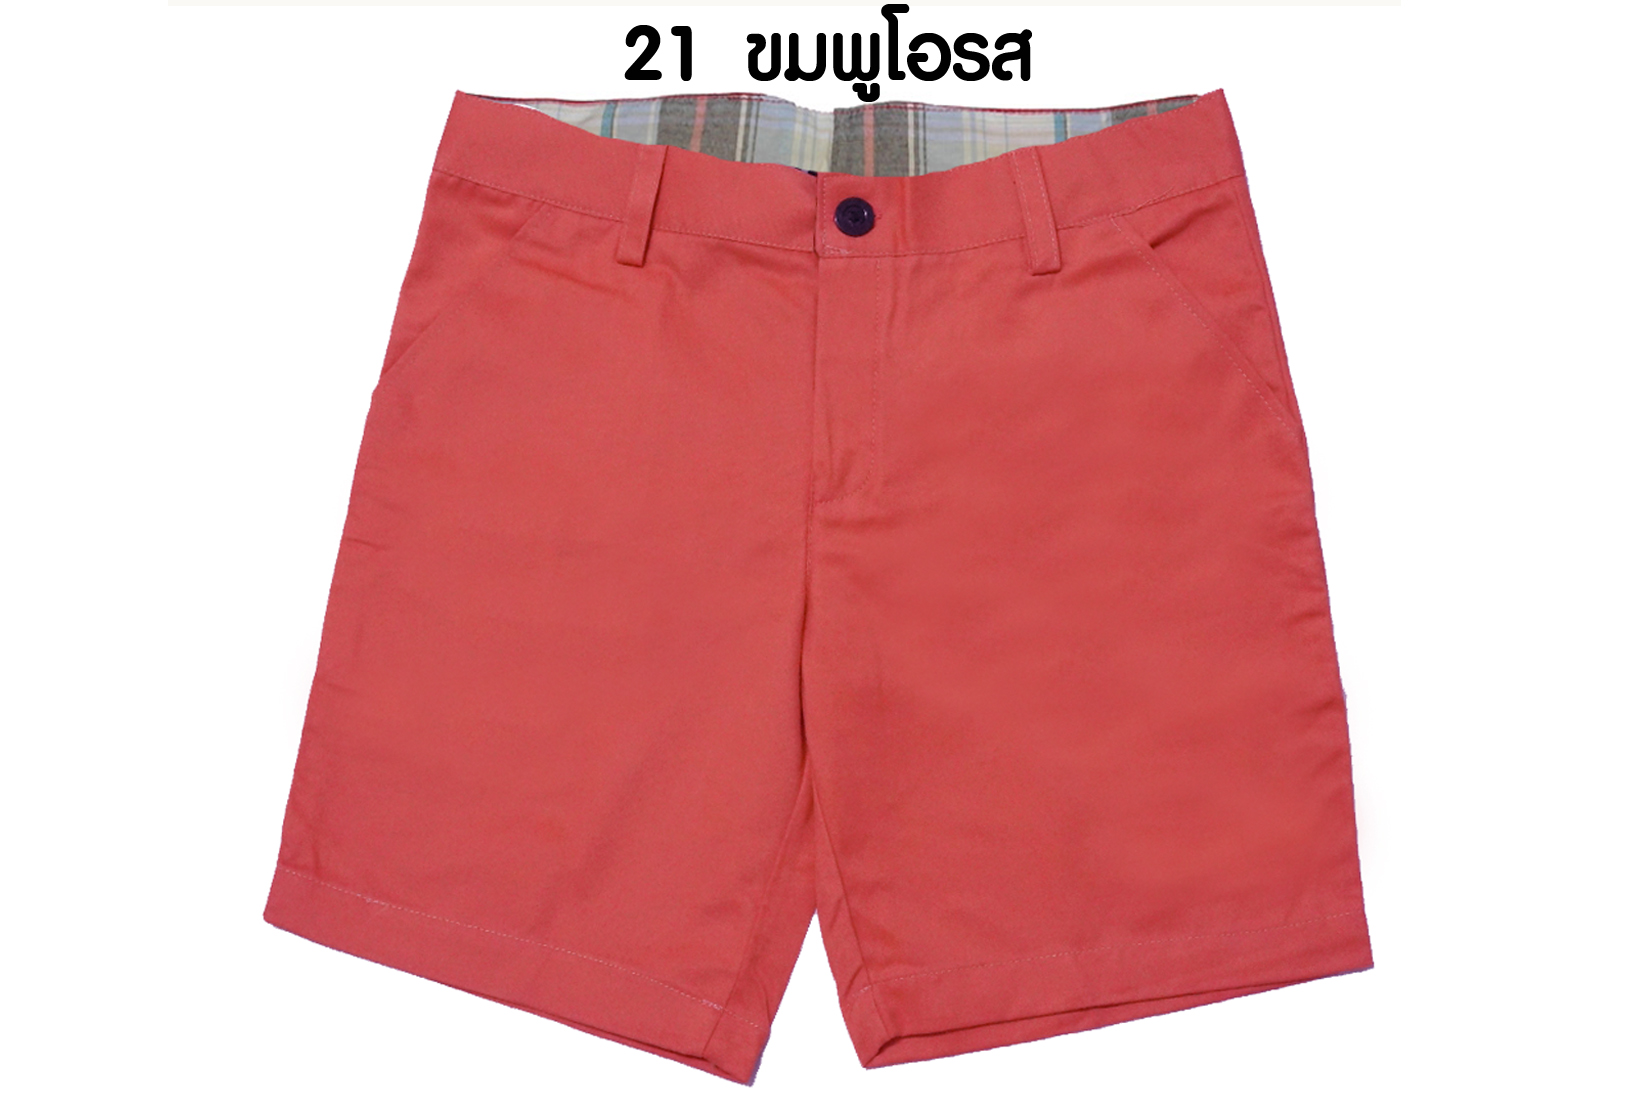 กางเกงขาสั้น รุ่น 521 (สีชมพูโอรส)